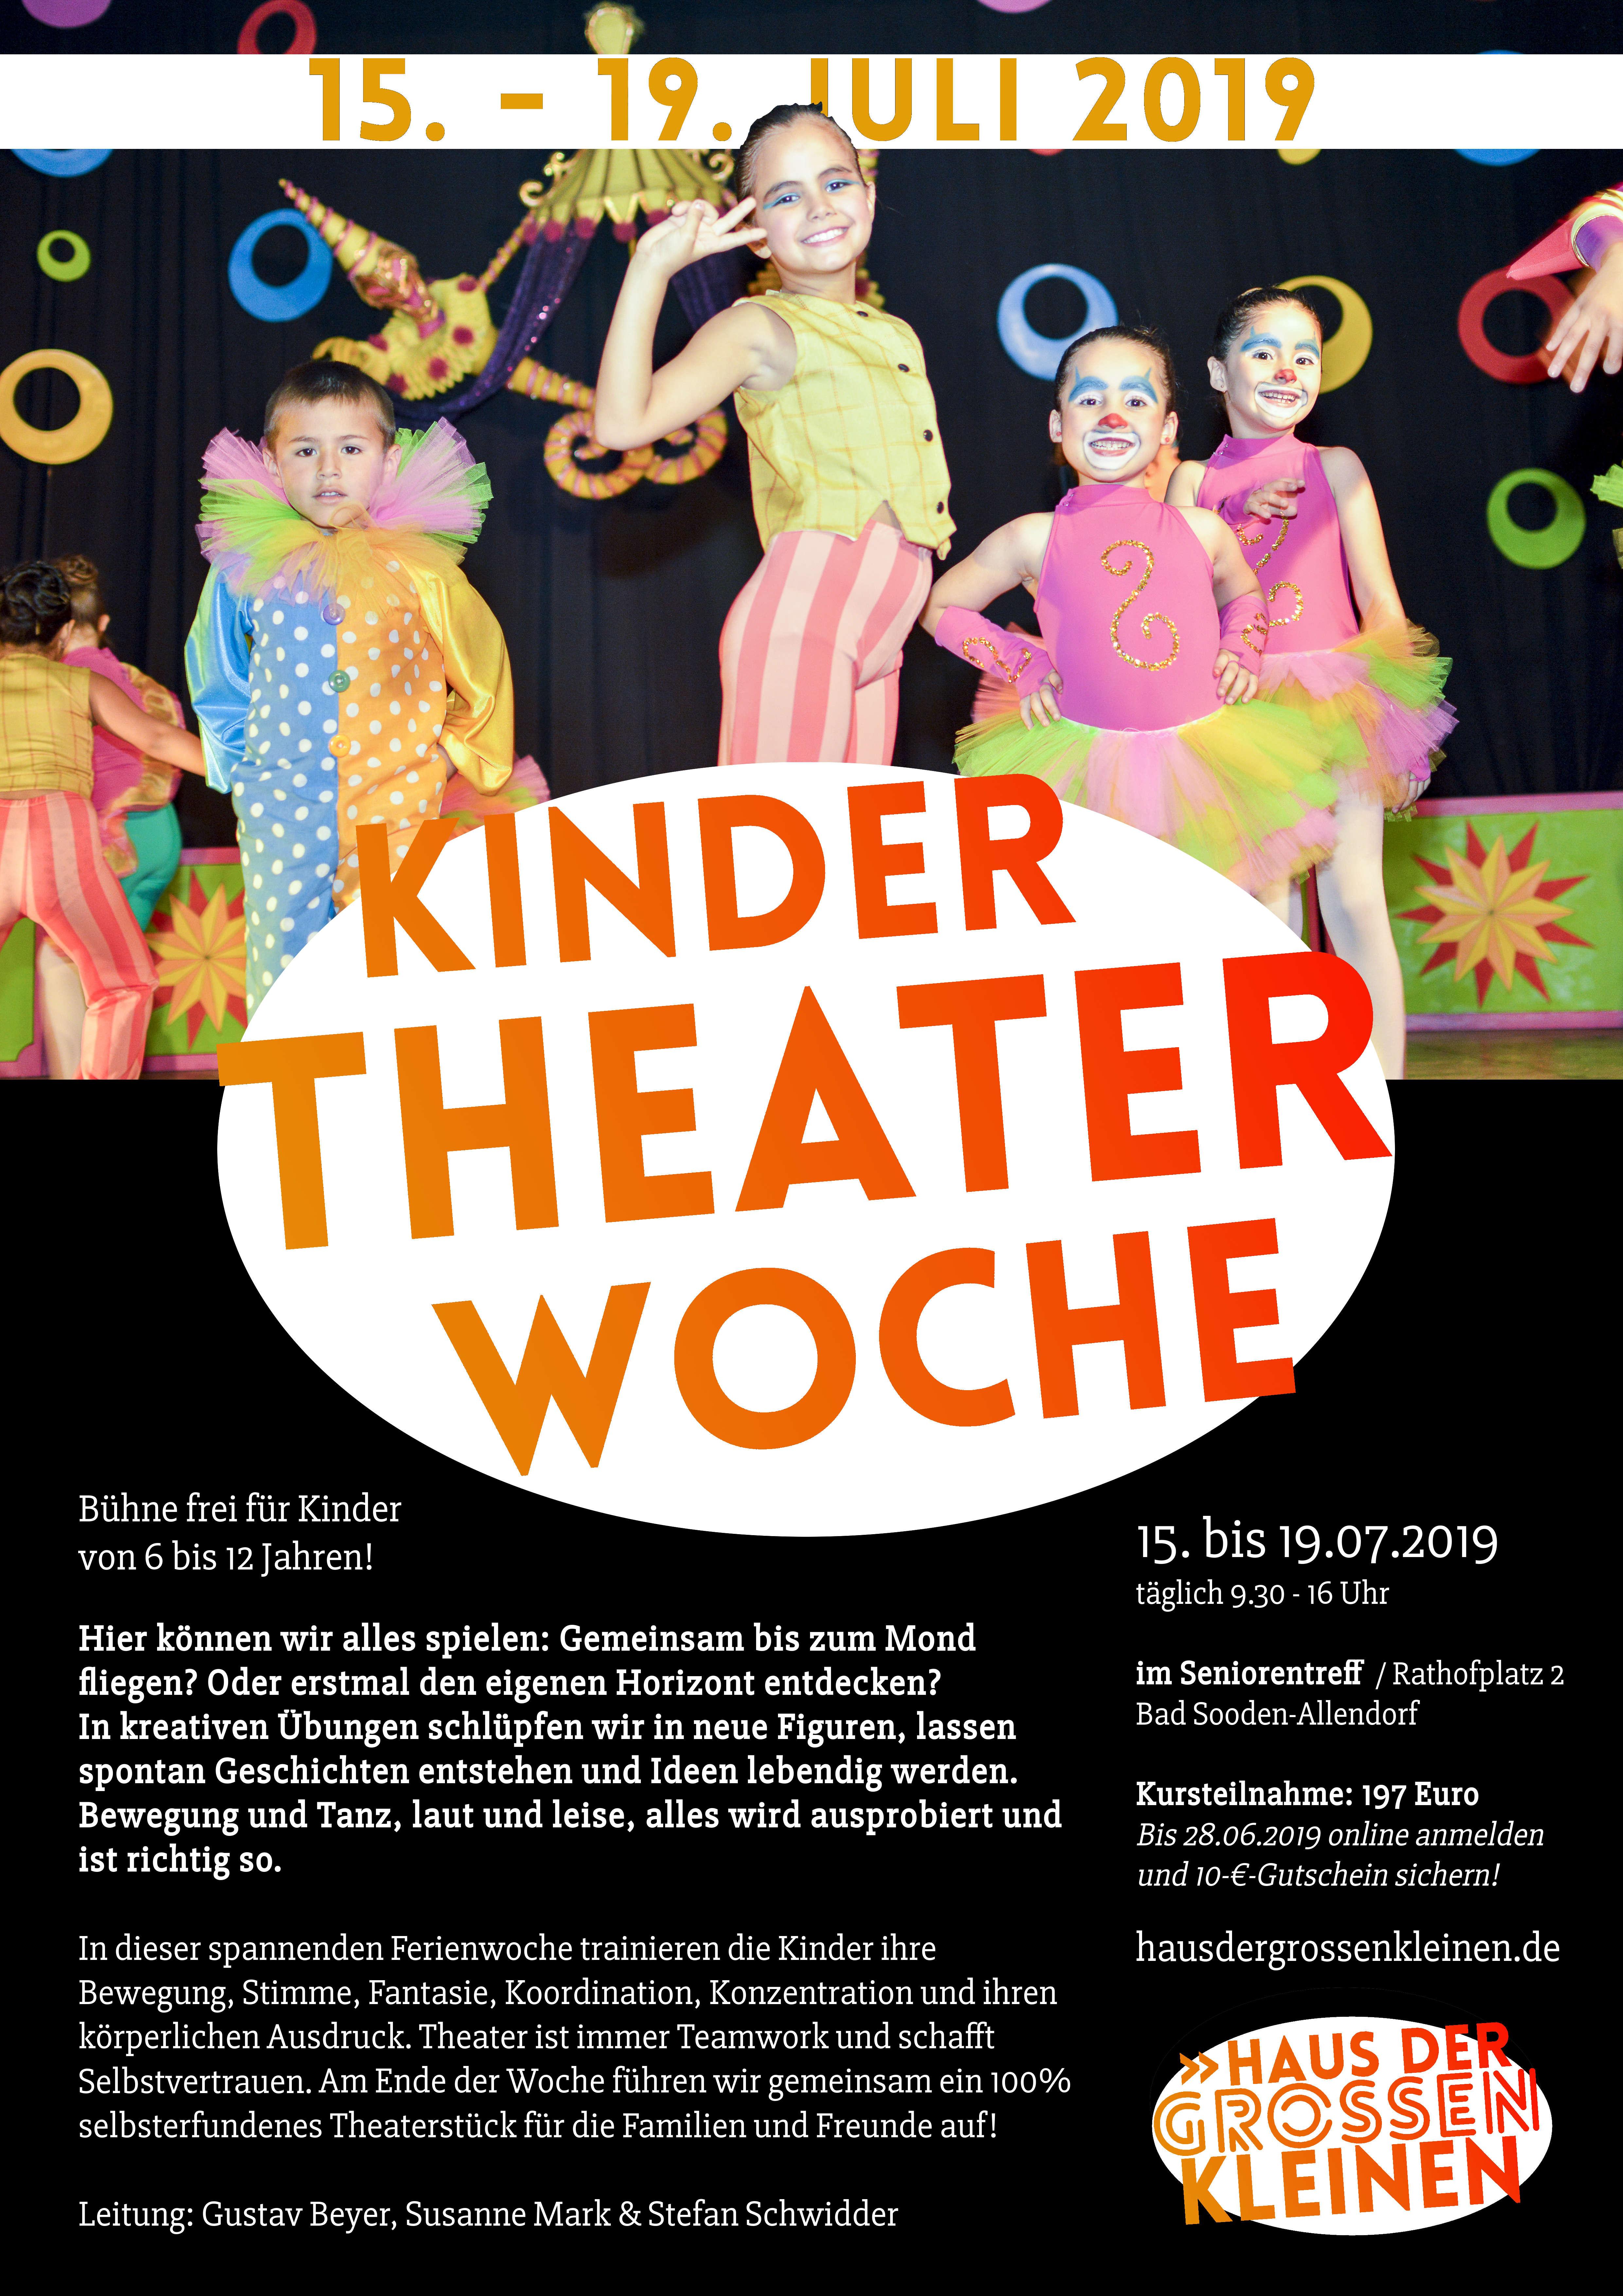 KinderTheaterWoche 2019 im Haus der großen Kleinen, Bad Sooden-Allendorf